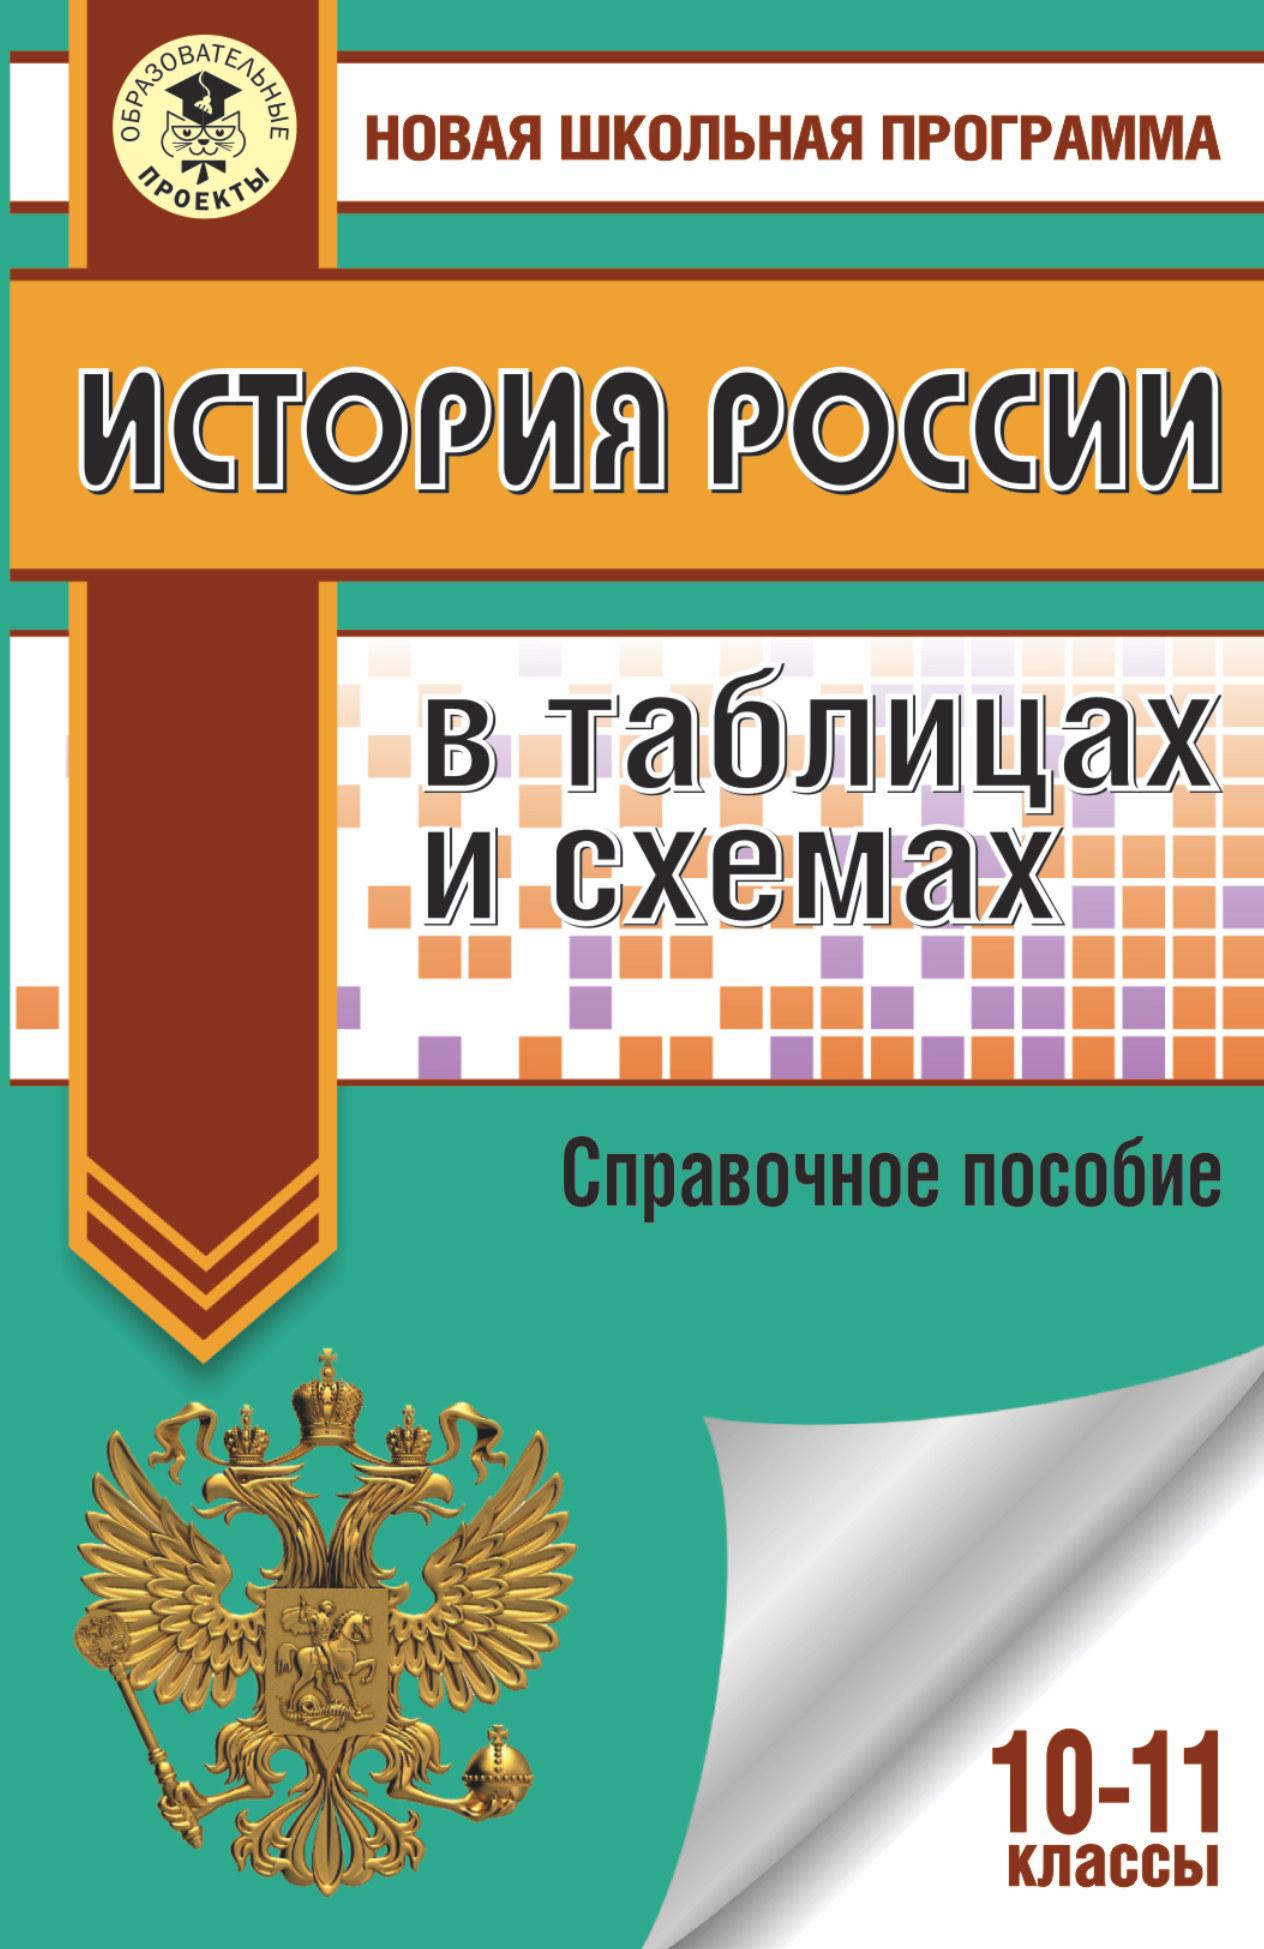 Вся історія україни в таблицях і схемах 10-11 клас